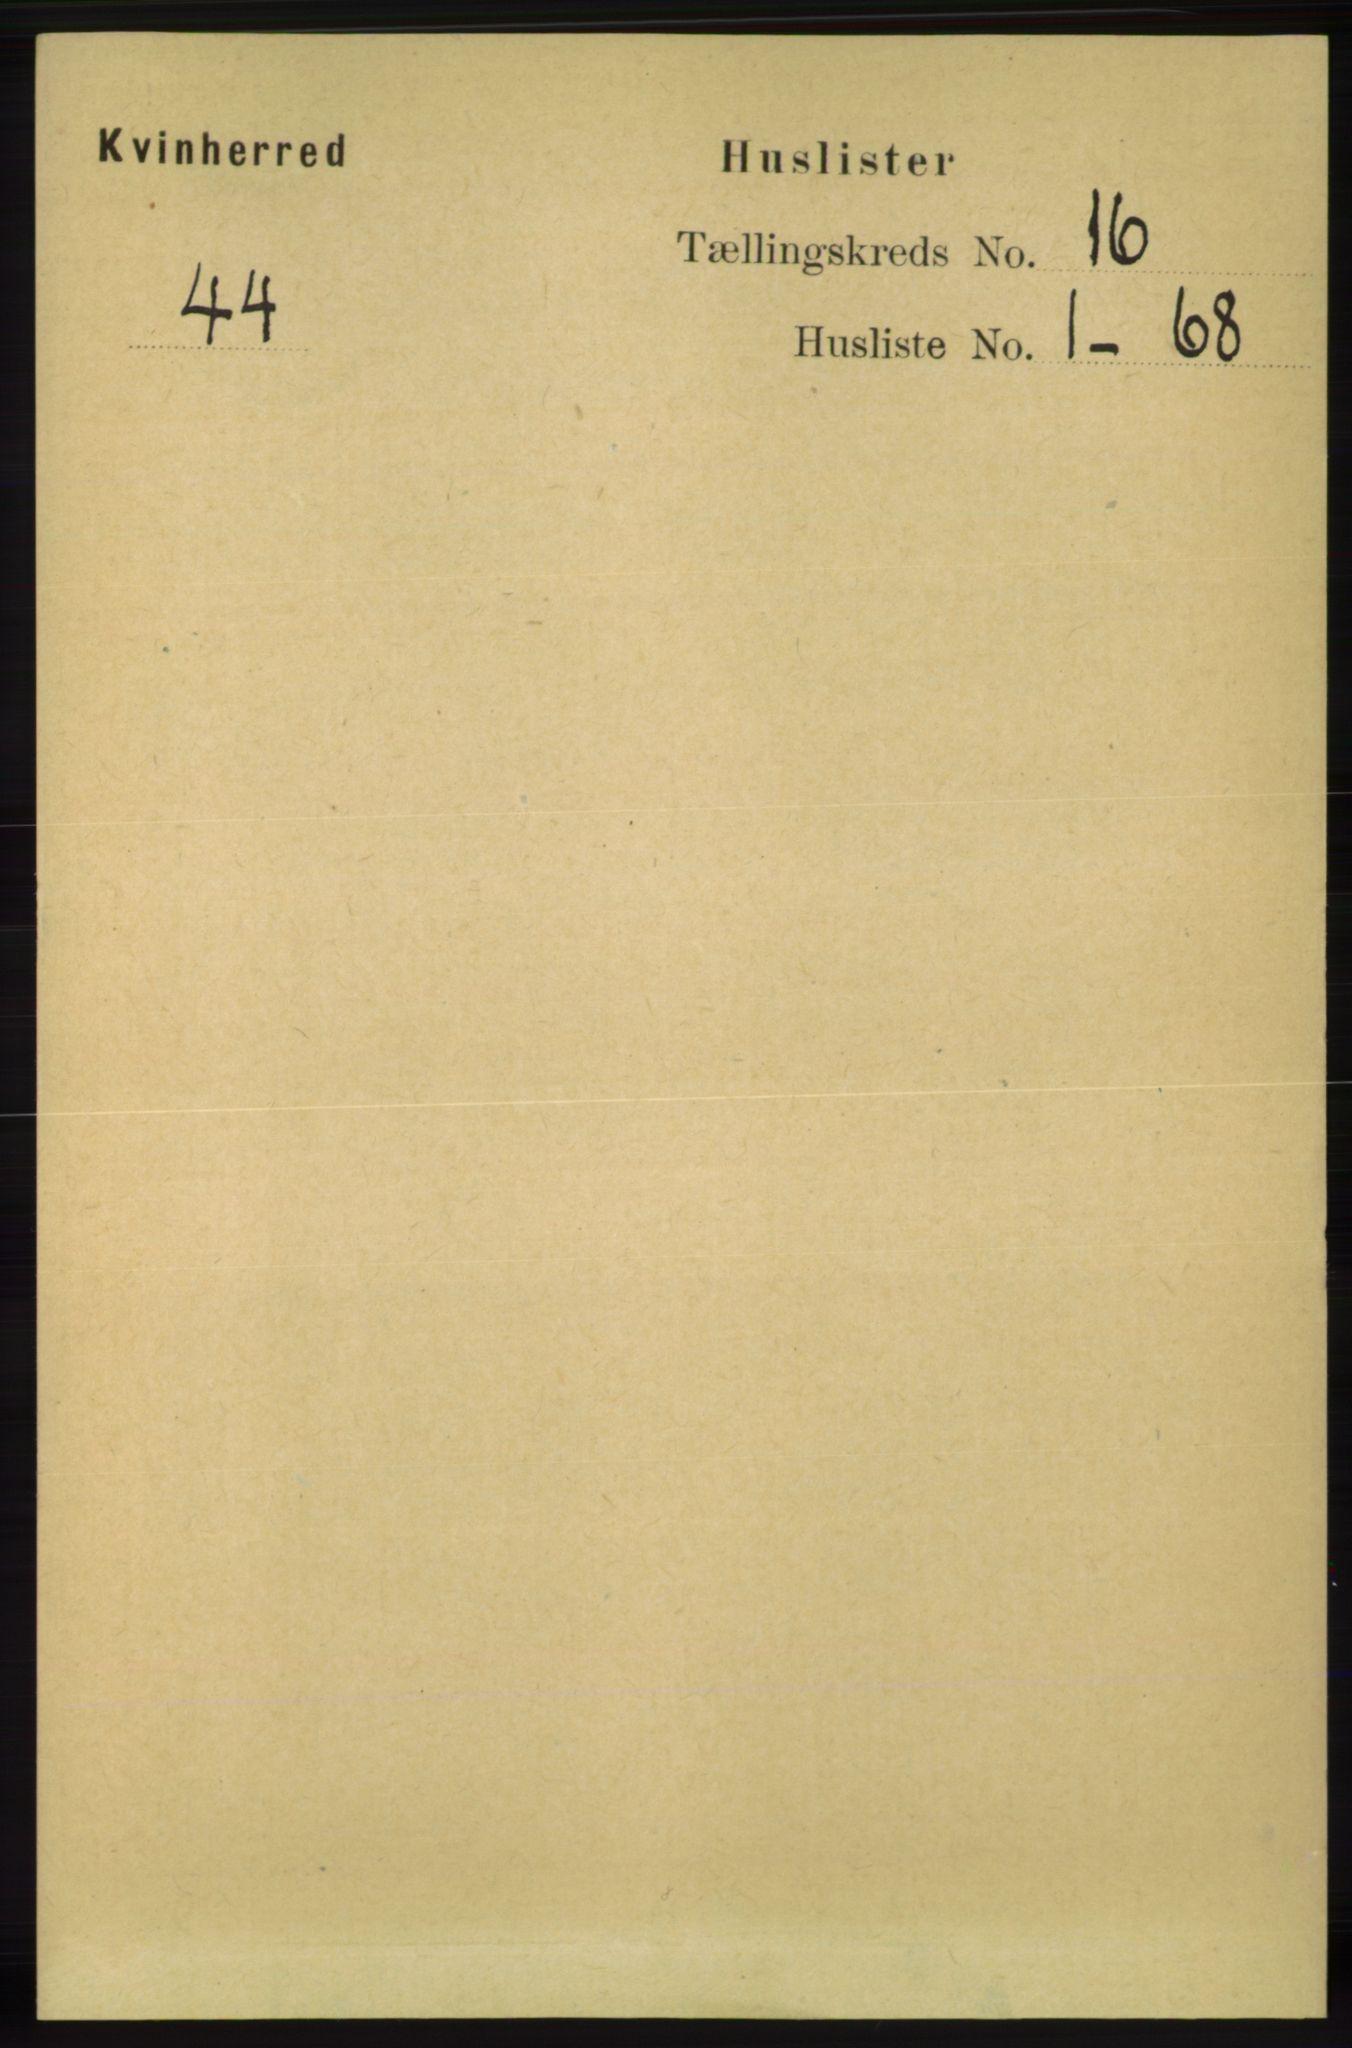 RA, Folketelling 1891 for 1224 Kvinnherad herred, 1891, s. 5373